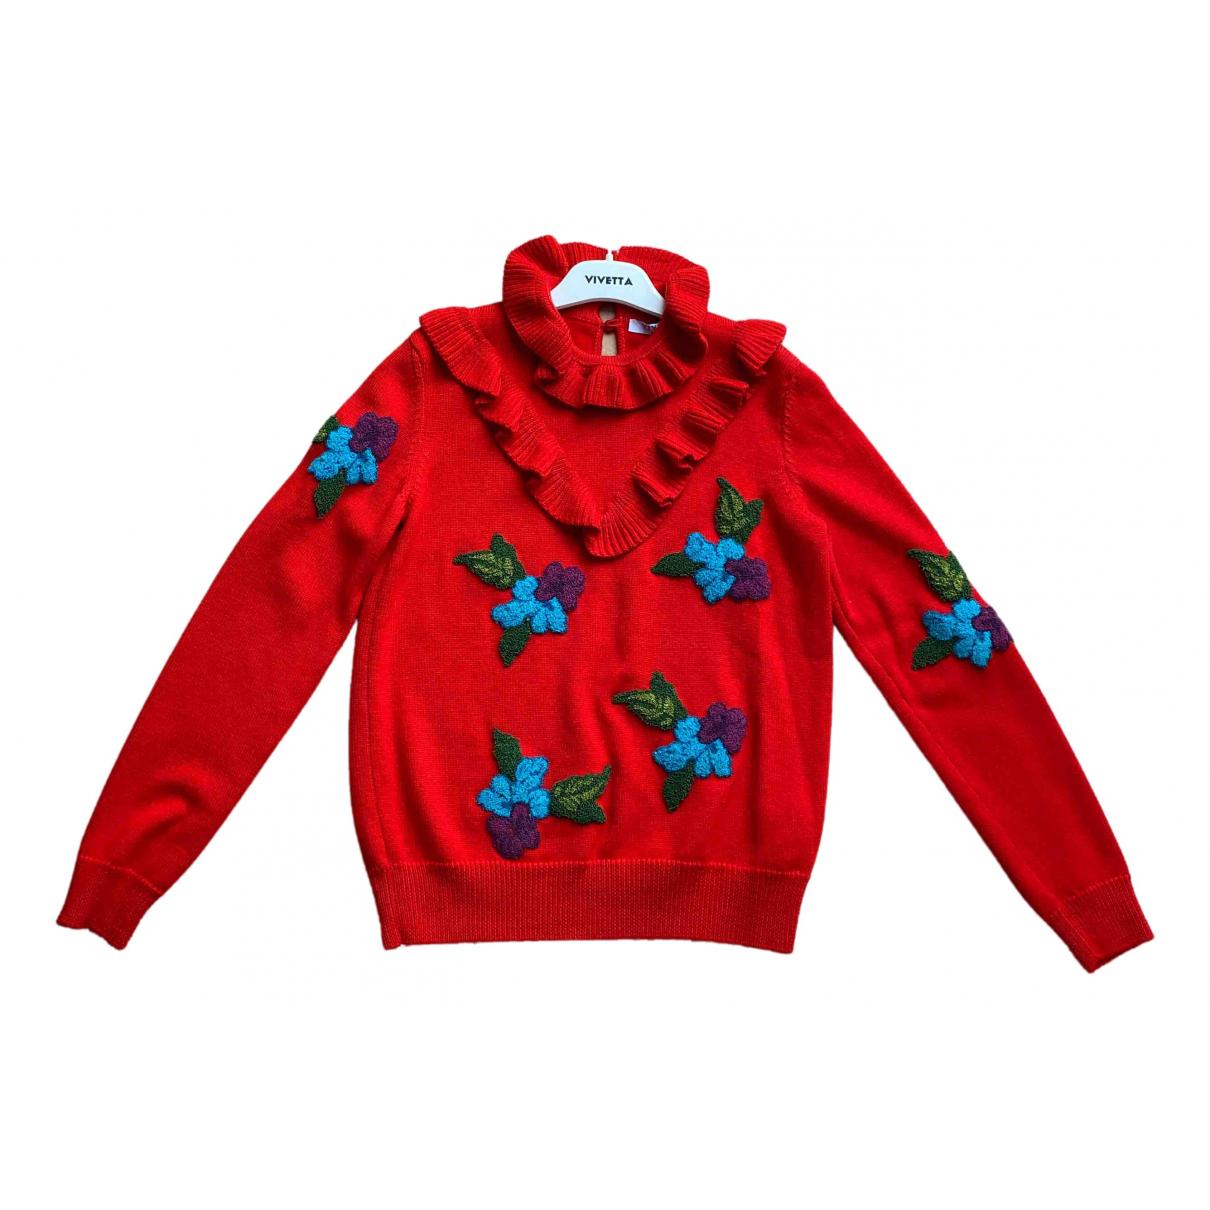 Vivetta - Pull   pour femme en laine - rouge